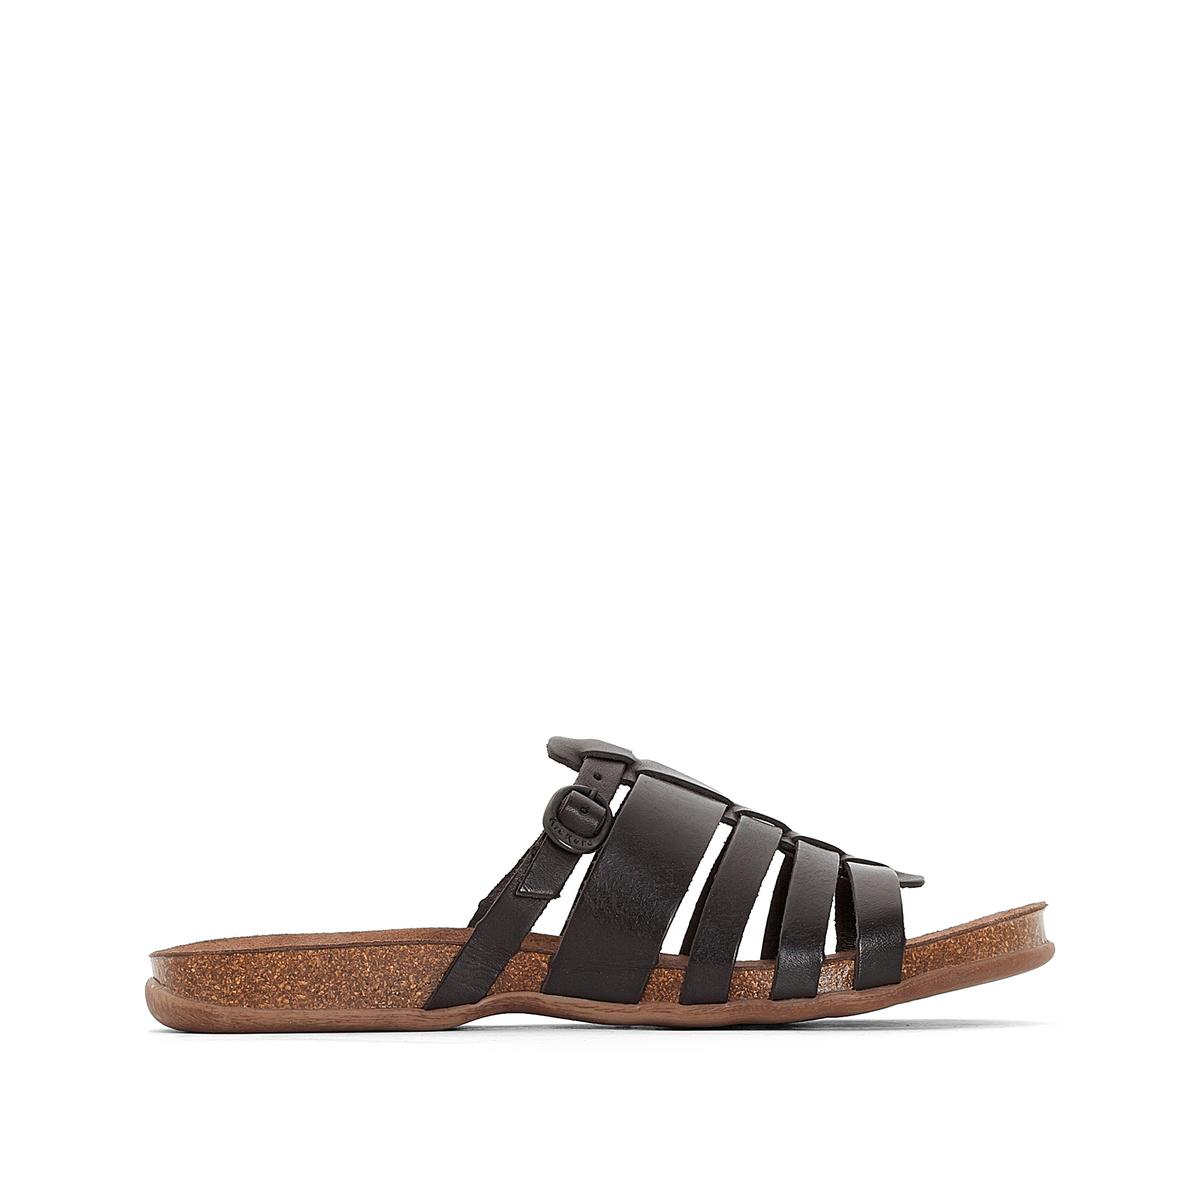 Босоножки кожаные AnaelleВерх: кожа.     Подкладка: без подкладки.Стелька: невыделанная кожа.Подошва: каучук.    Высота каблука: 2 см.    Форма каблука: плоский каблук.Мысок: открытый.Застежка: ремешок с пряжкой.<br><br>Цвет: черный